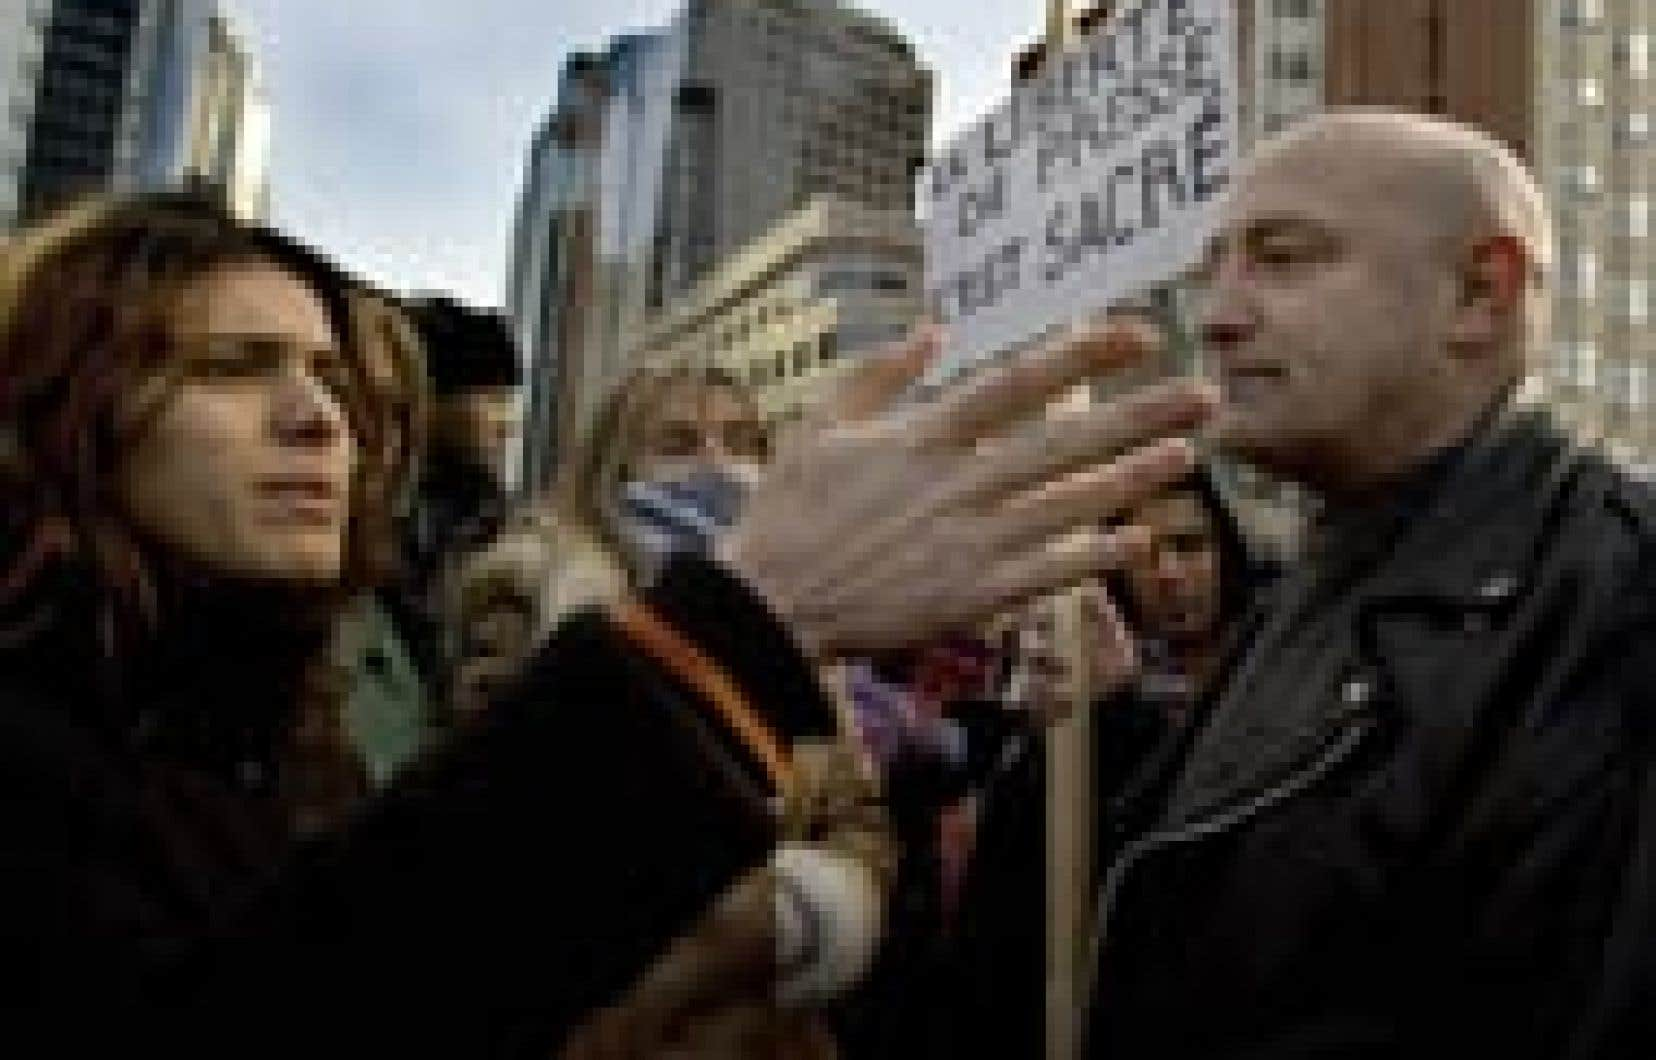 Un groupe de citoyens défendant le caractère «sacré» de la liberté de presse a tenu une contre-manifestation hier, au centre-ville de Montréal, alors que défilaient environ un millier de personnes protestant contre les caricatures du prophète Ma